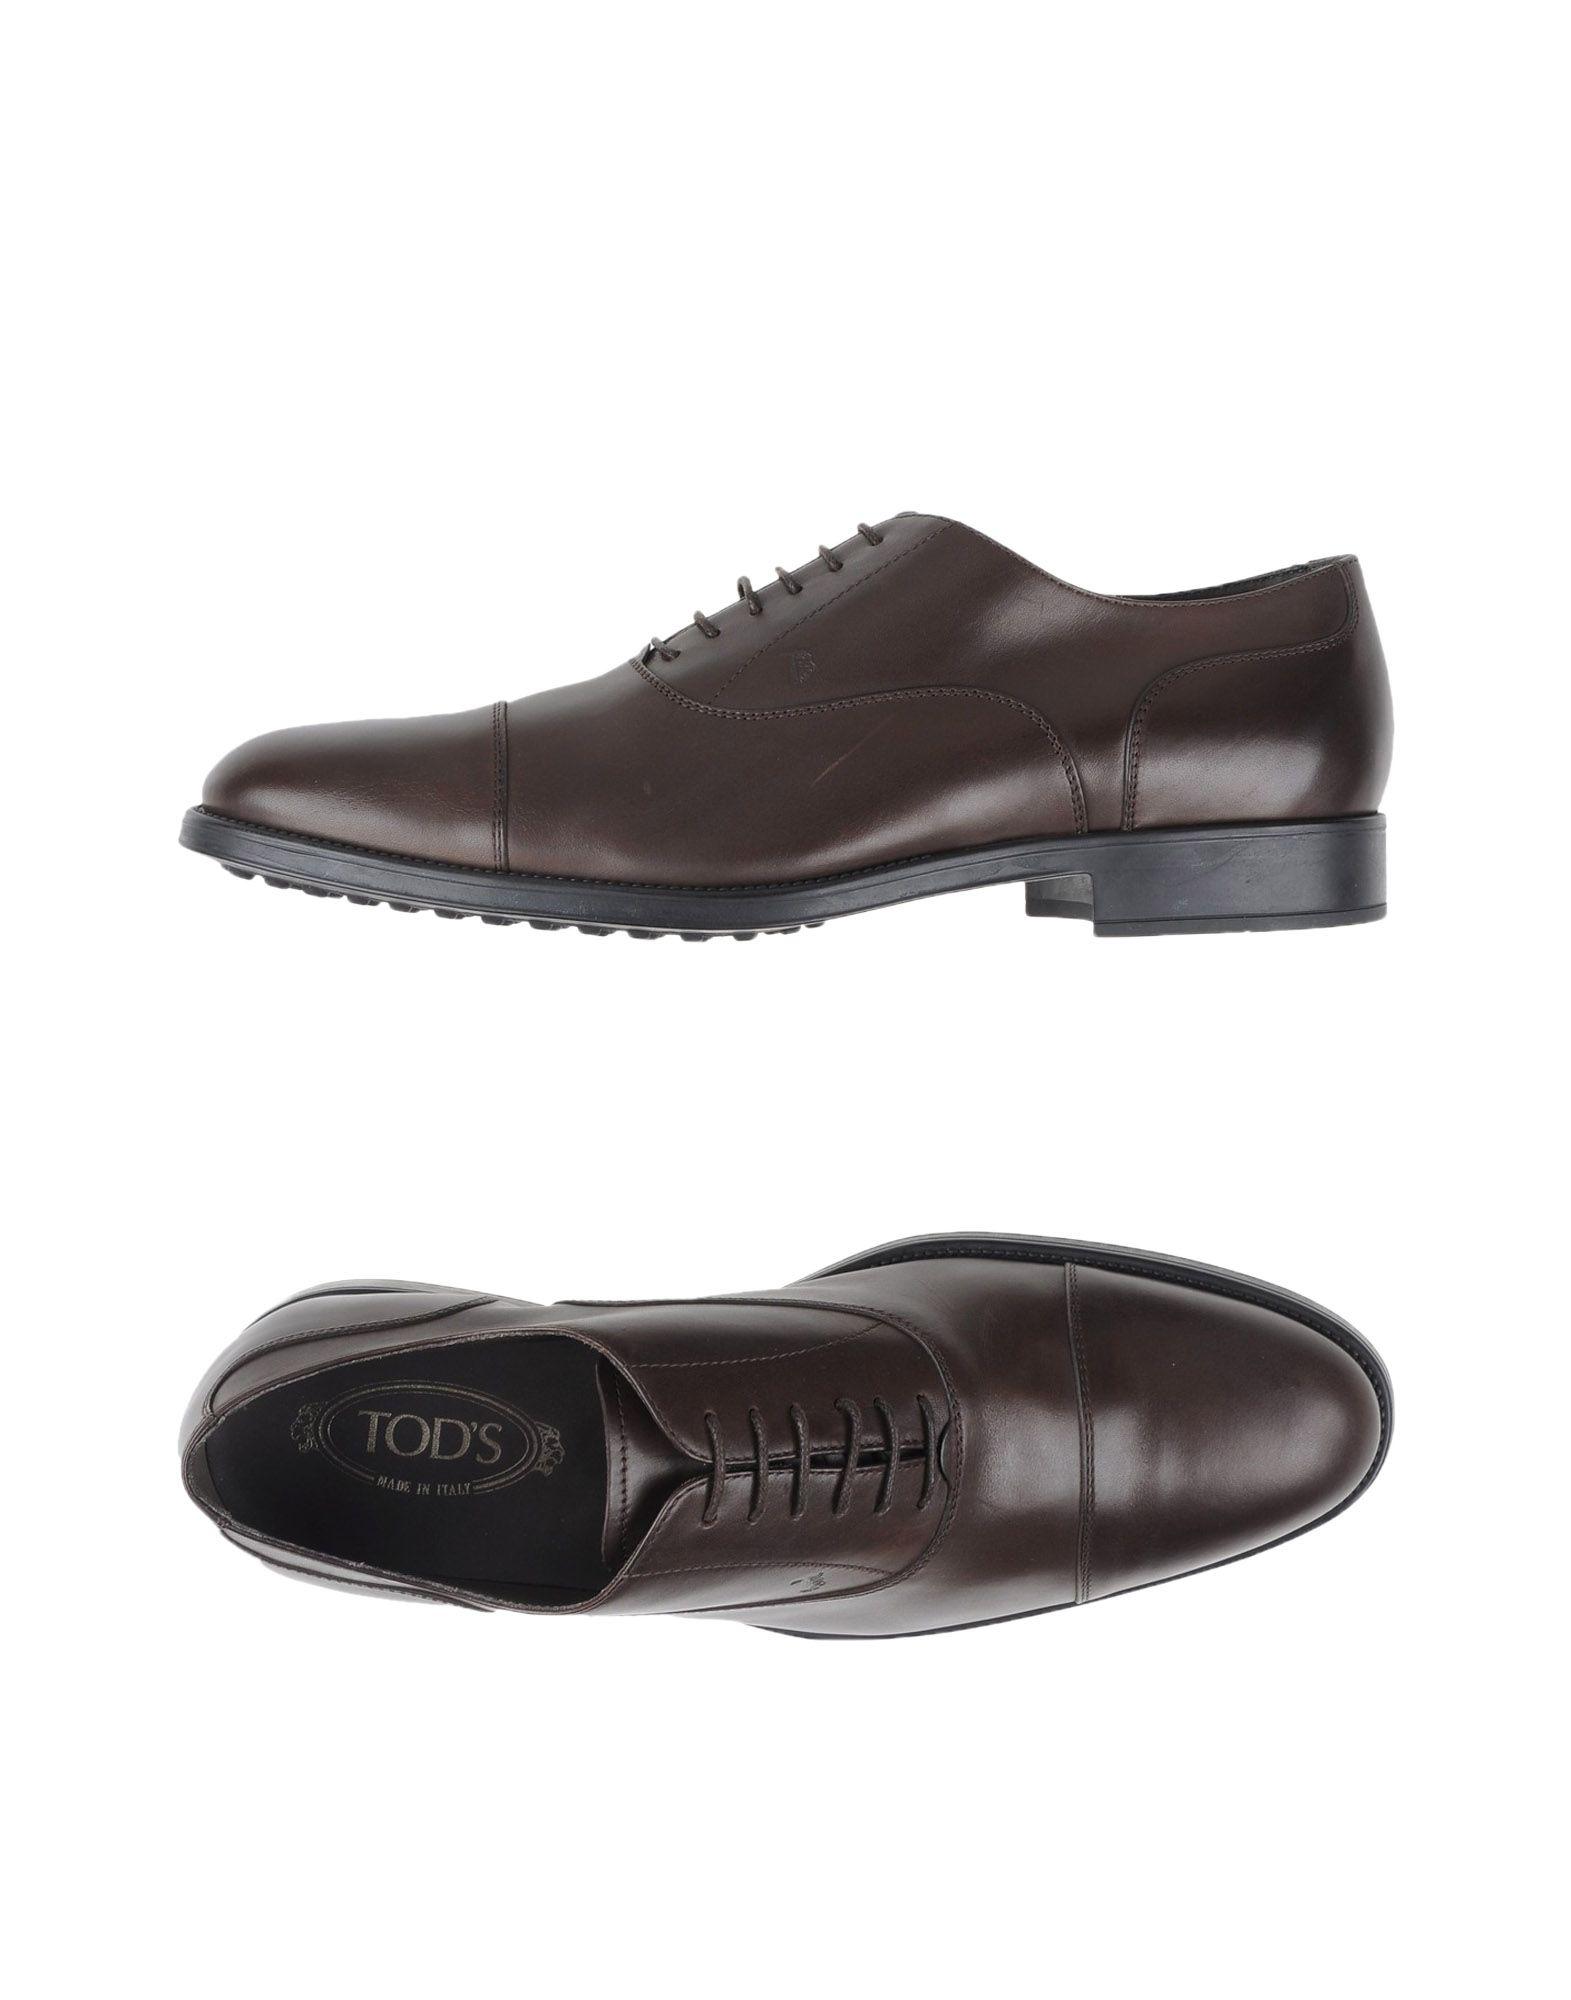 Tod's Schnürschuhe Gute Herren  11020247QR Gute Schnürschuhe Qualität beliebte Schuhe 34ed55